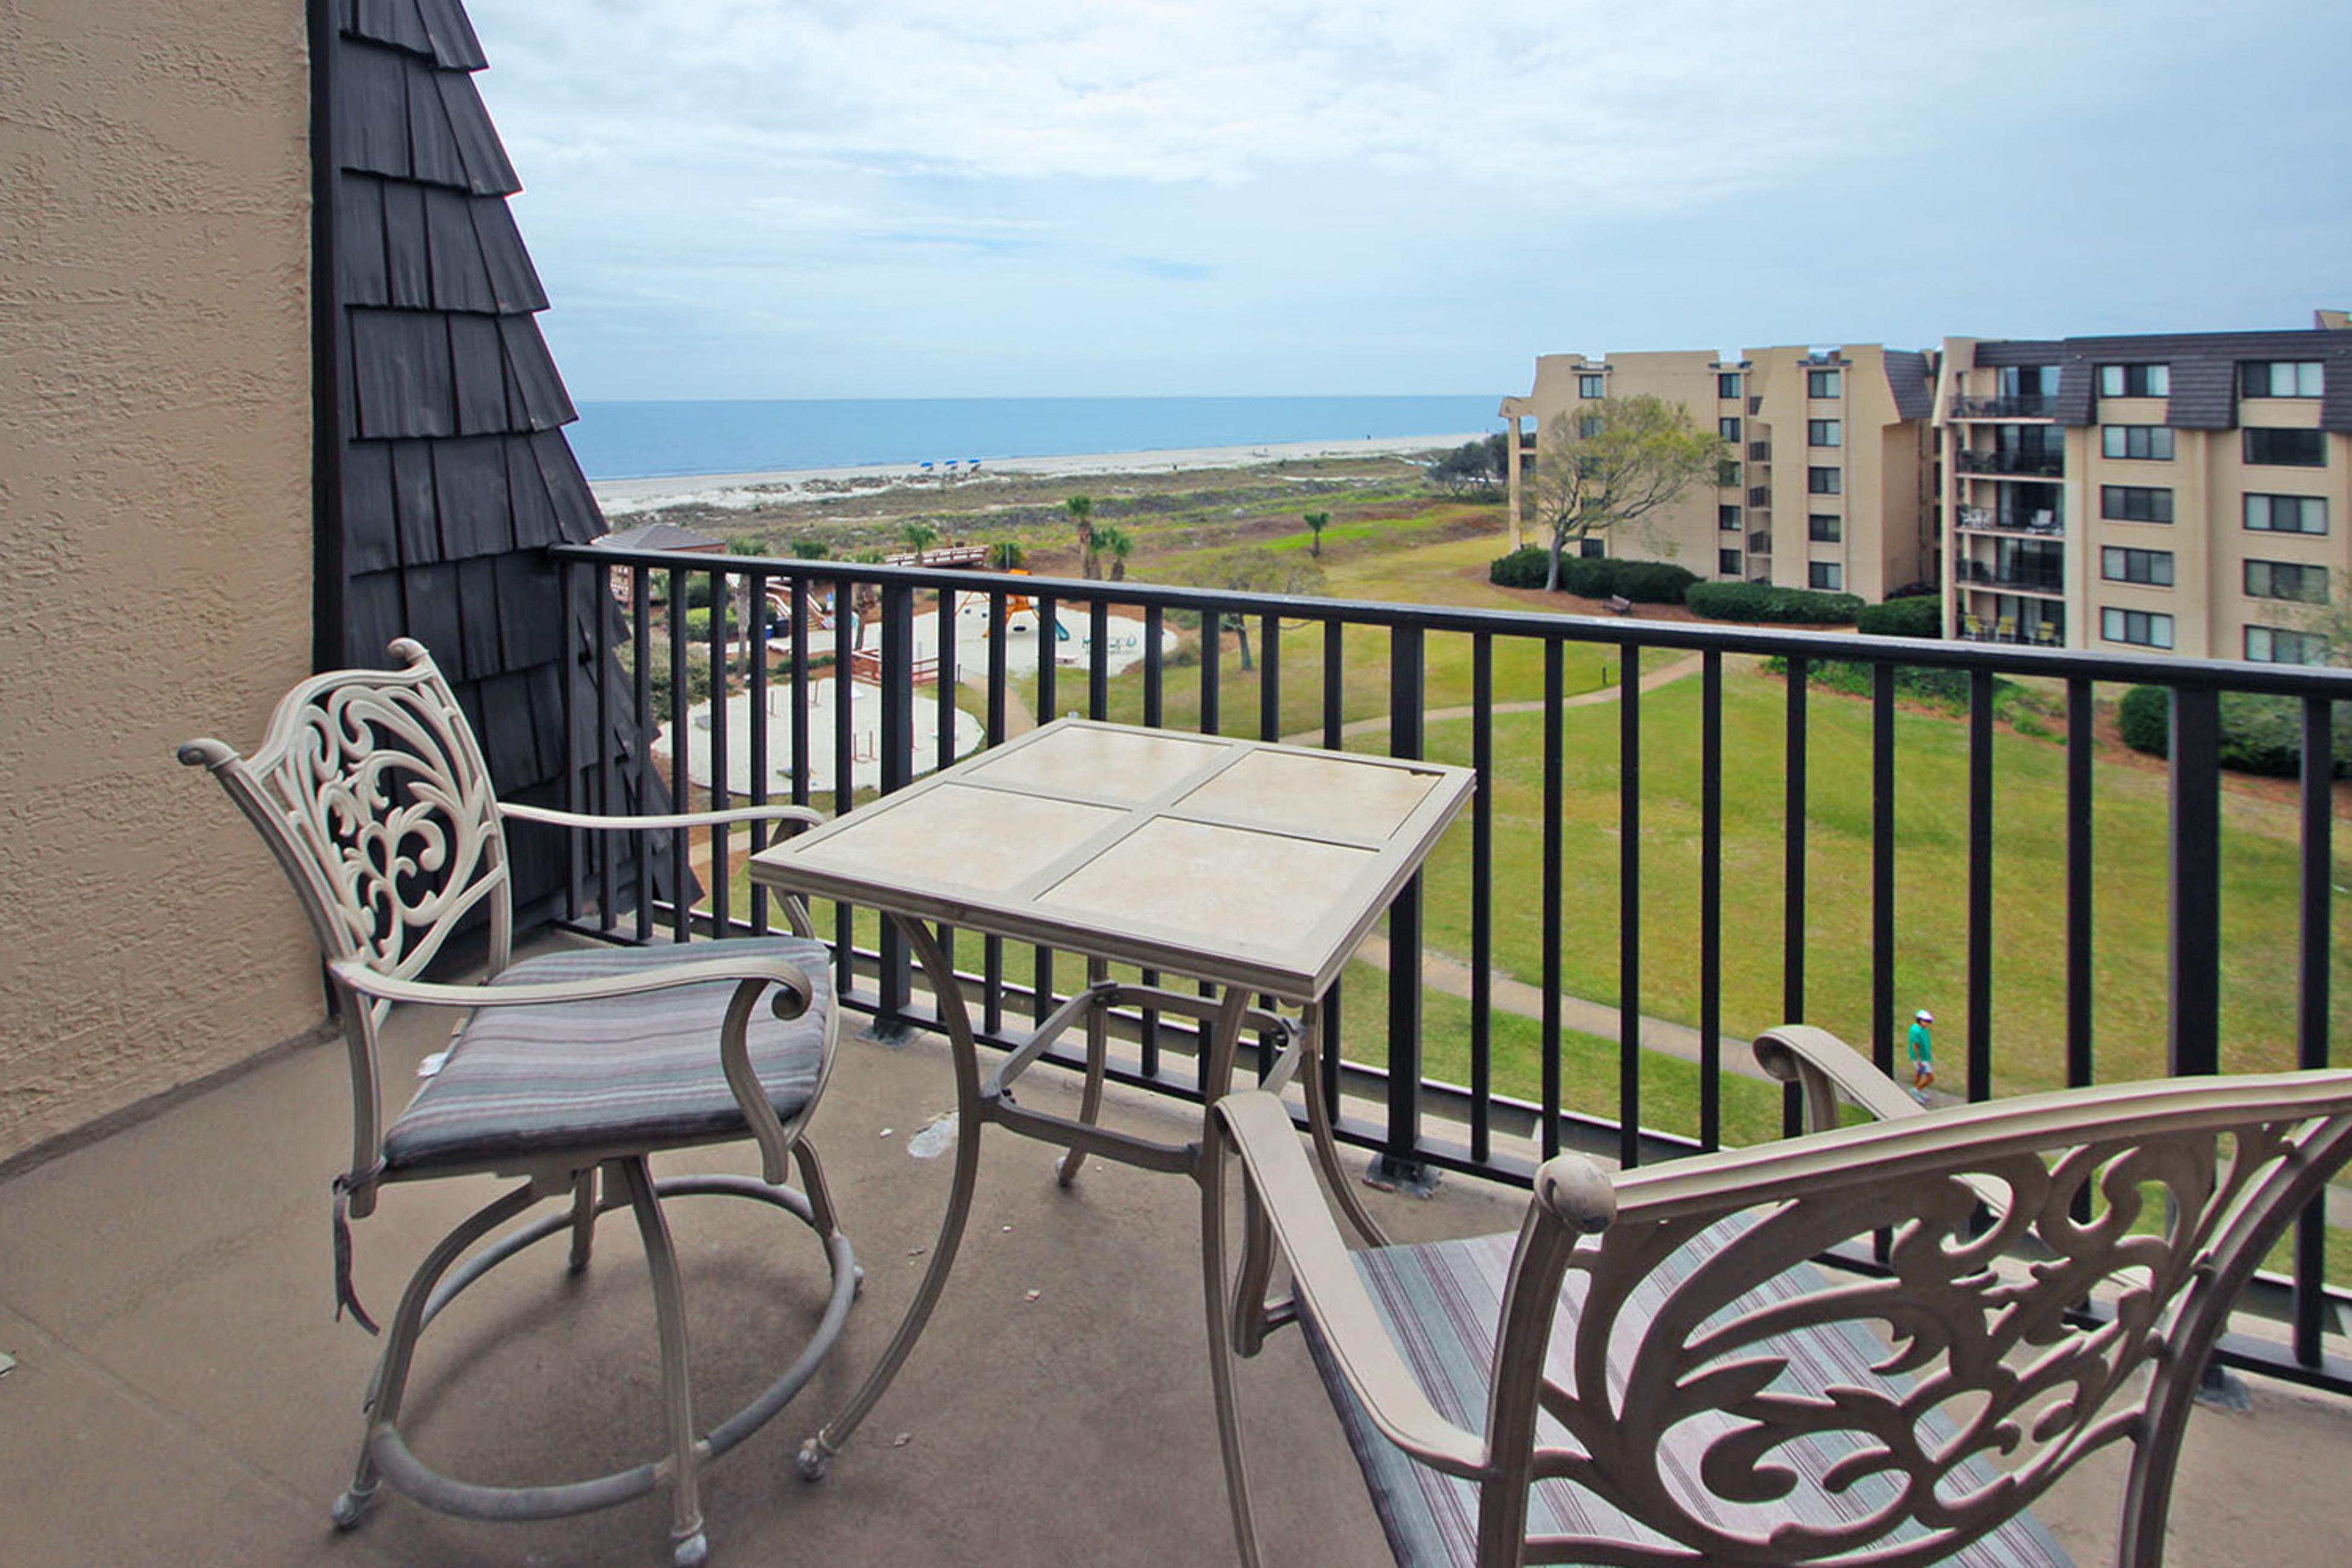 Island Club 3502 Vacation Rental In Hilton Head Sc Hhi